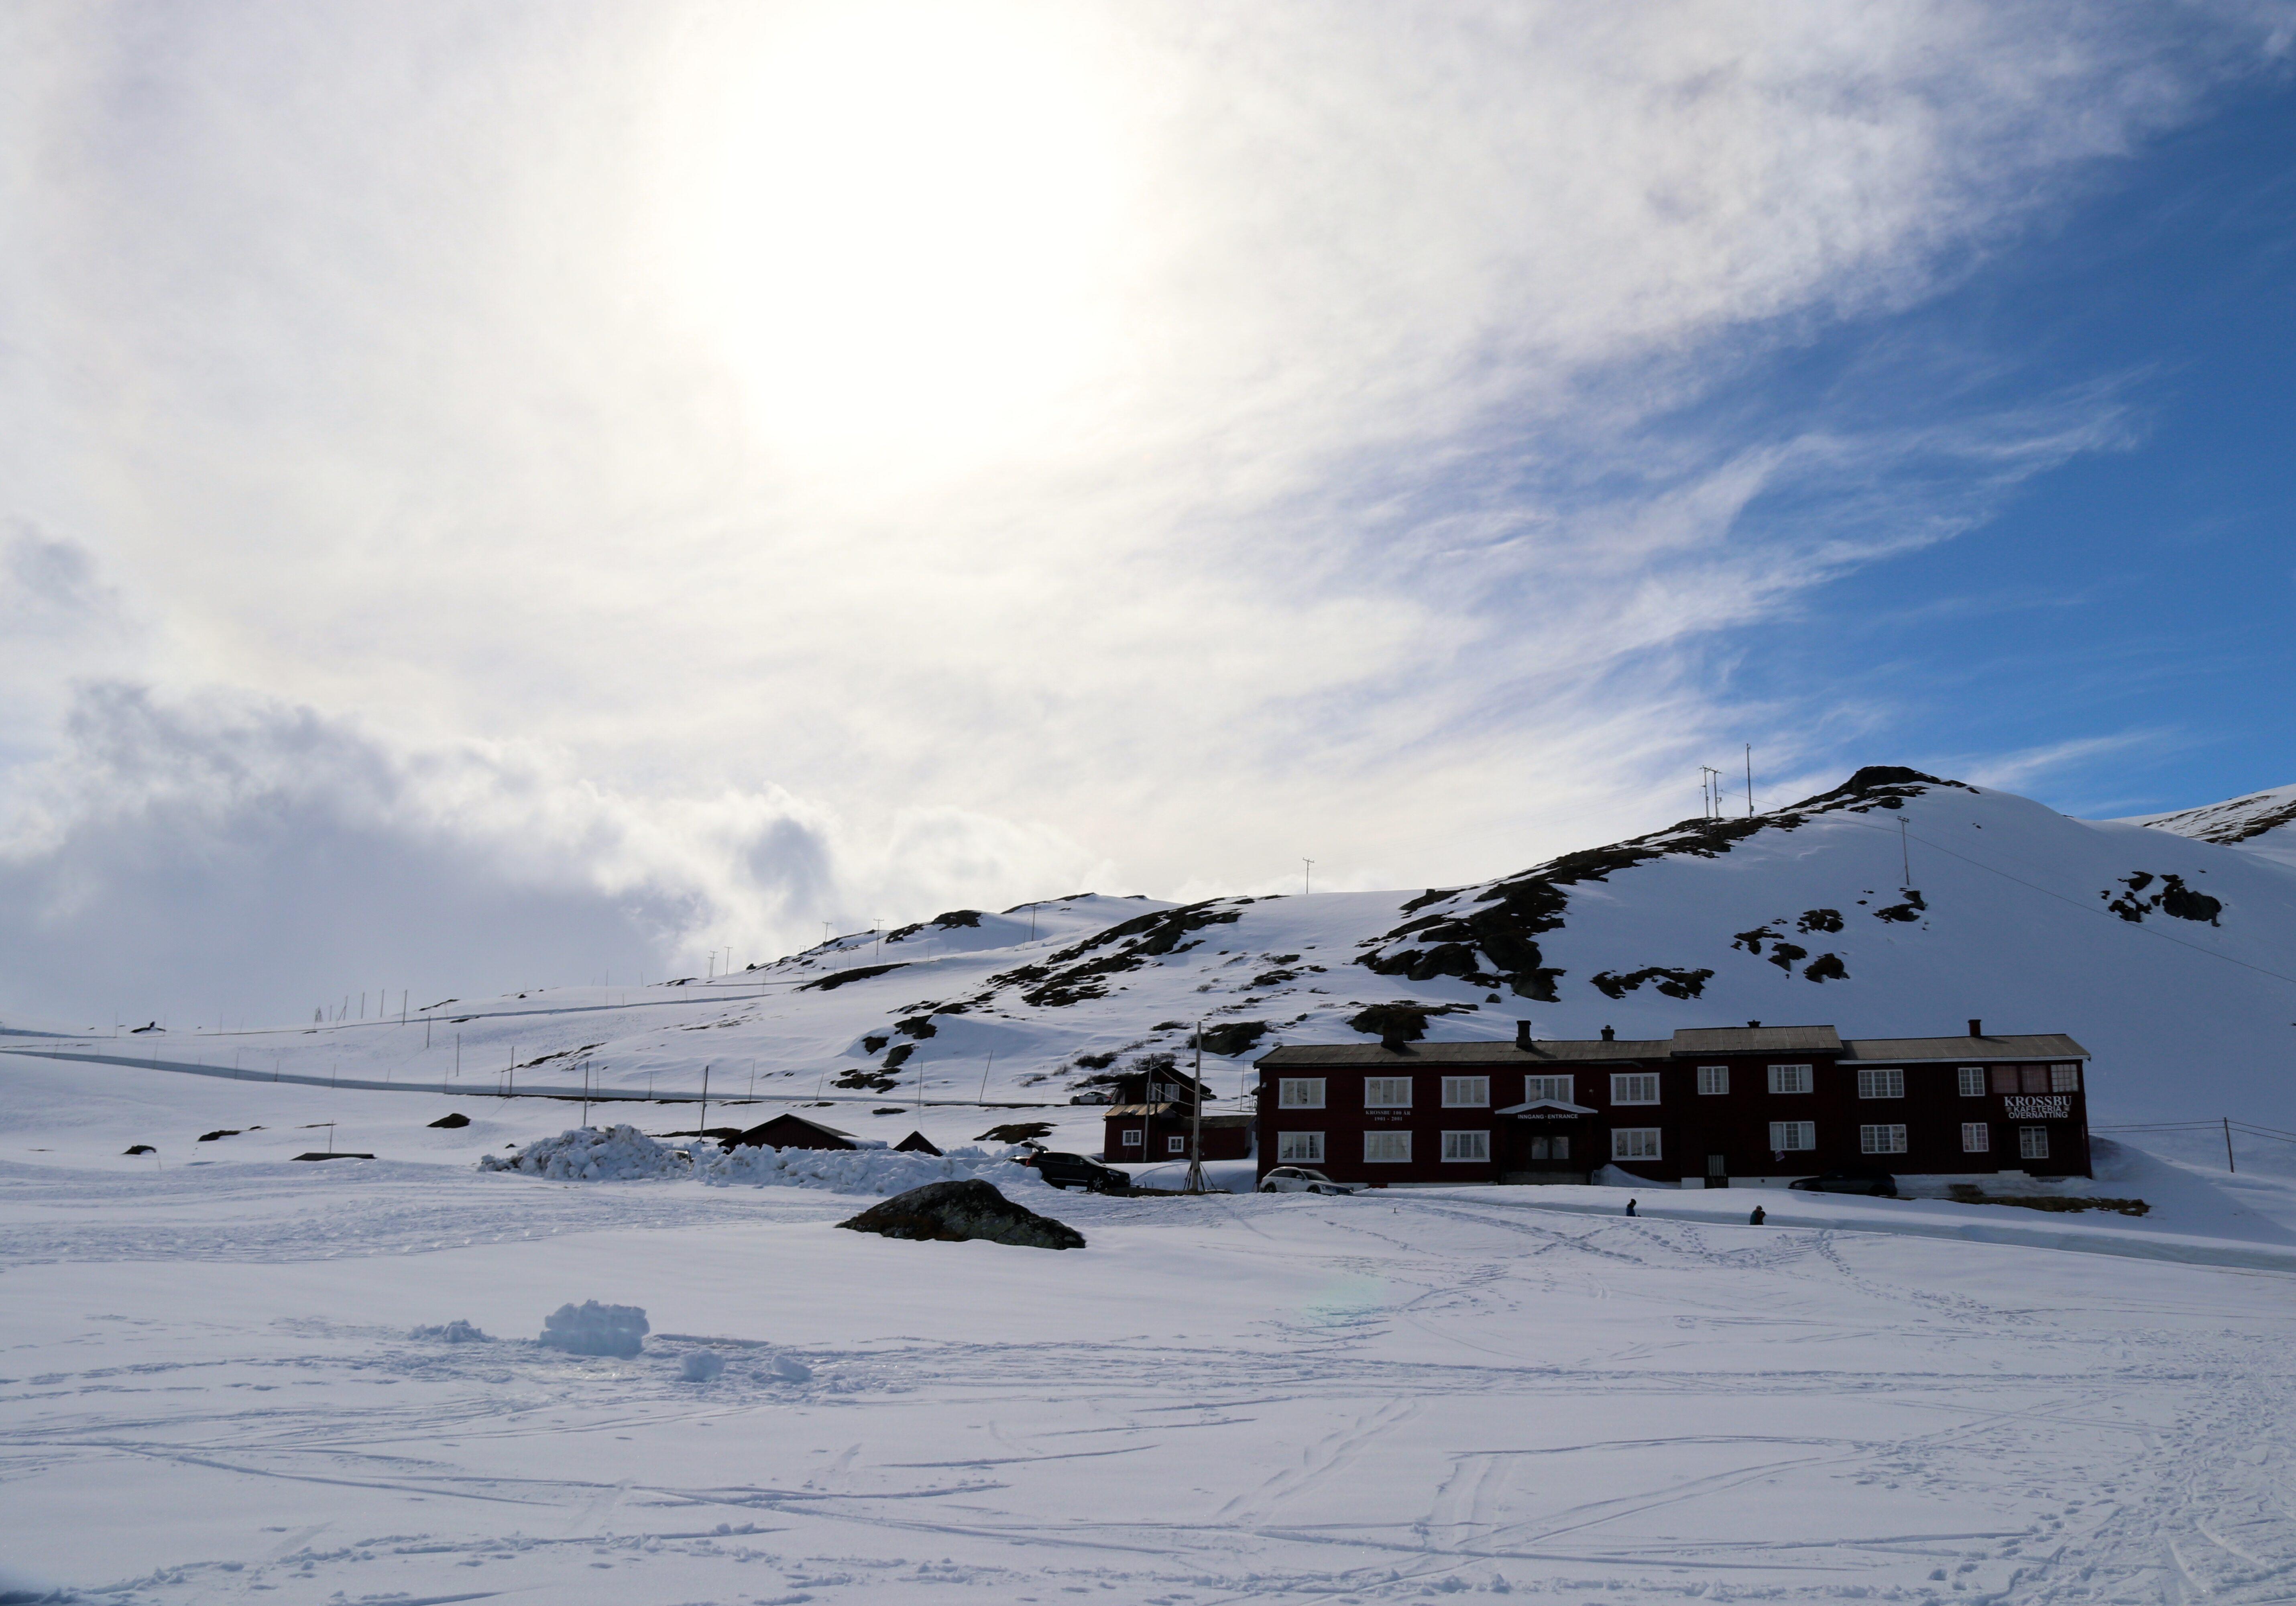 Krossbu Turiststasjon på Sognefjellet.